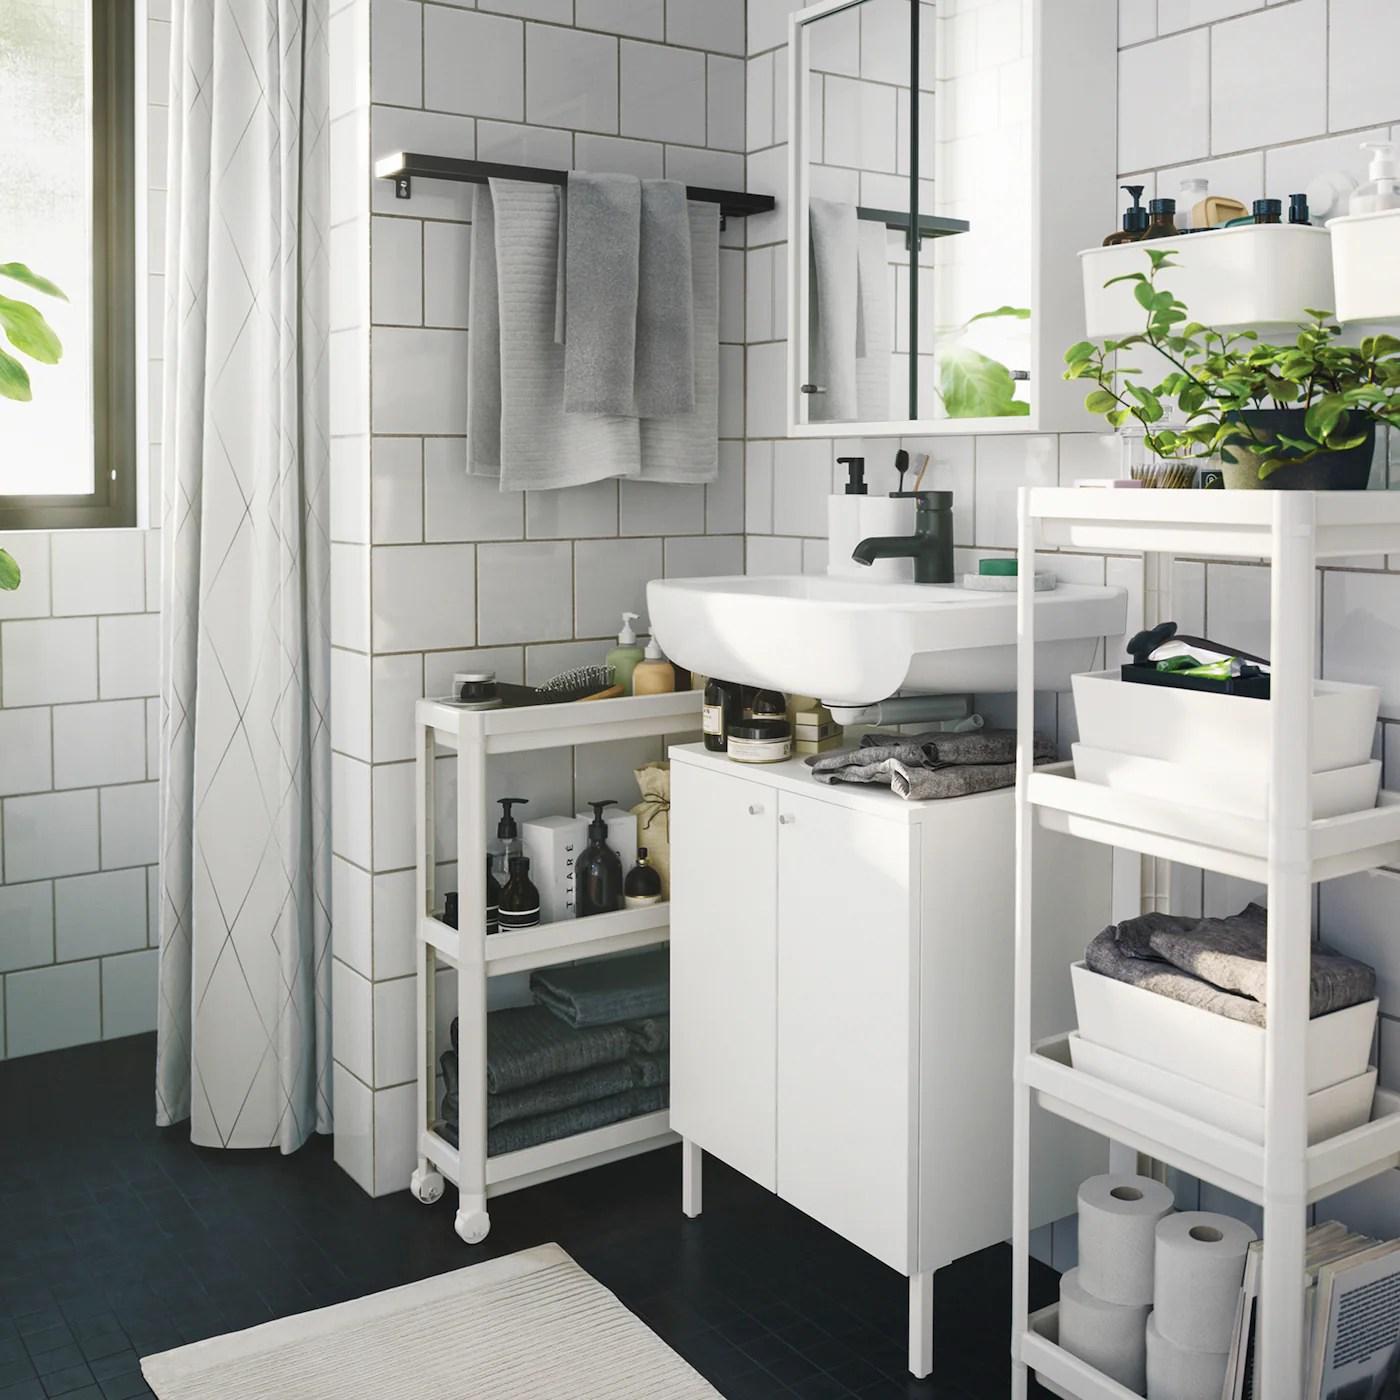 Mobile bagno lilium da 65 cm con due ante in noce o decapè bianco o azzurro lavabo in ceramica. Arredamento Per Il Bagno Idee E Soluzioni Ikea It